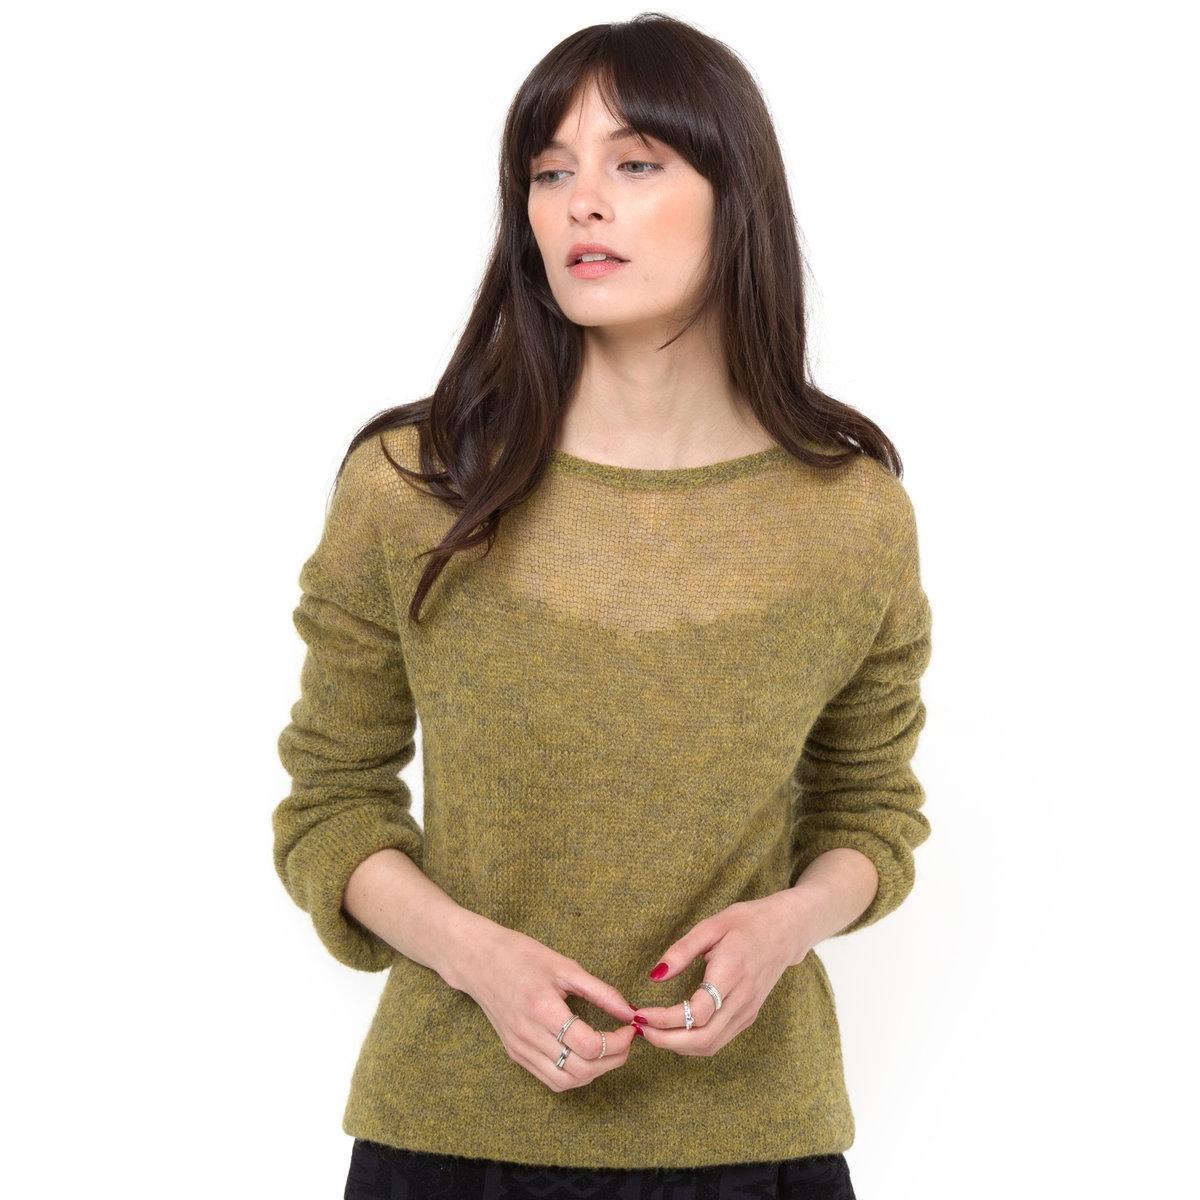 Пуловер с длинными рукавами, 20% мохераПуловер из воздушного трикотажа: 50% полиамида, 30% акрила, 20% мохера. Круглый вырез. Длинные рукава с напуском. Длина: 62 см..<br><br>Цвет: зеленый меланж<br>Размер: 46/48 (FR) - 52/54 (RUS)